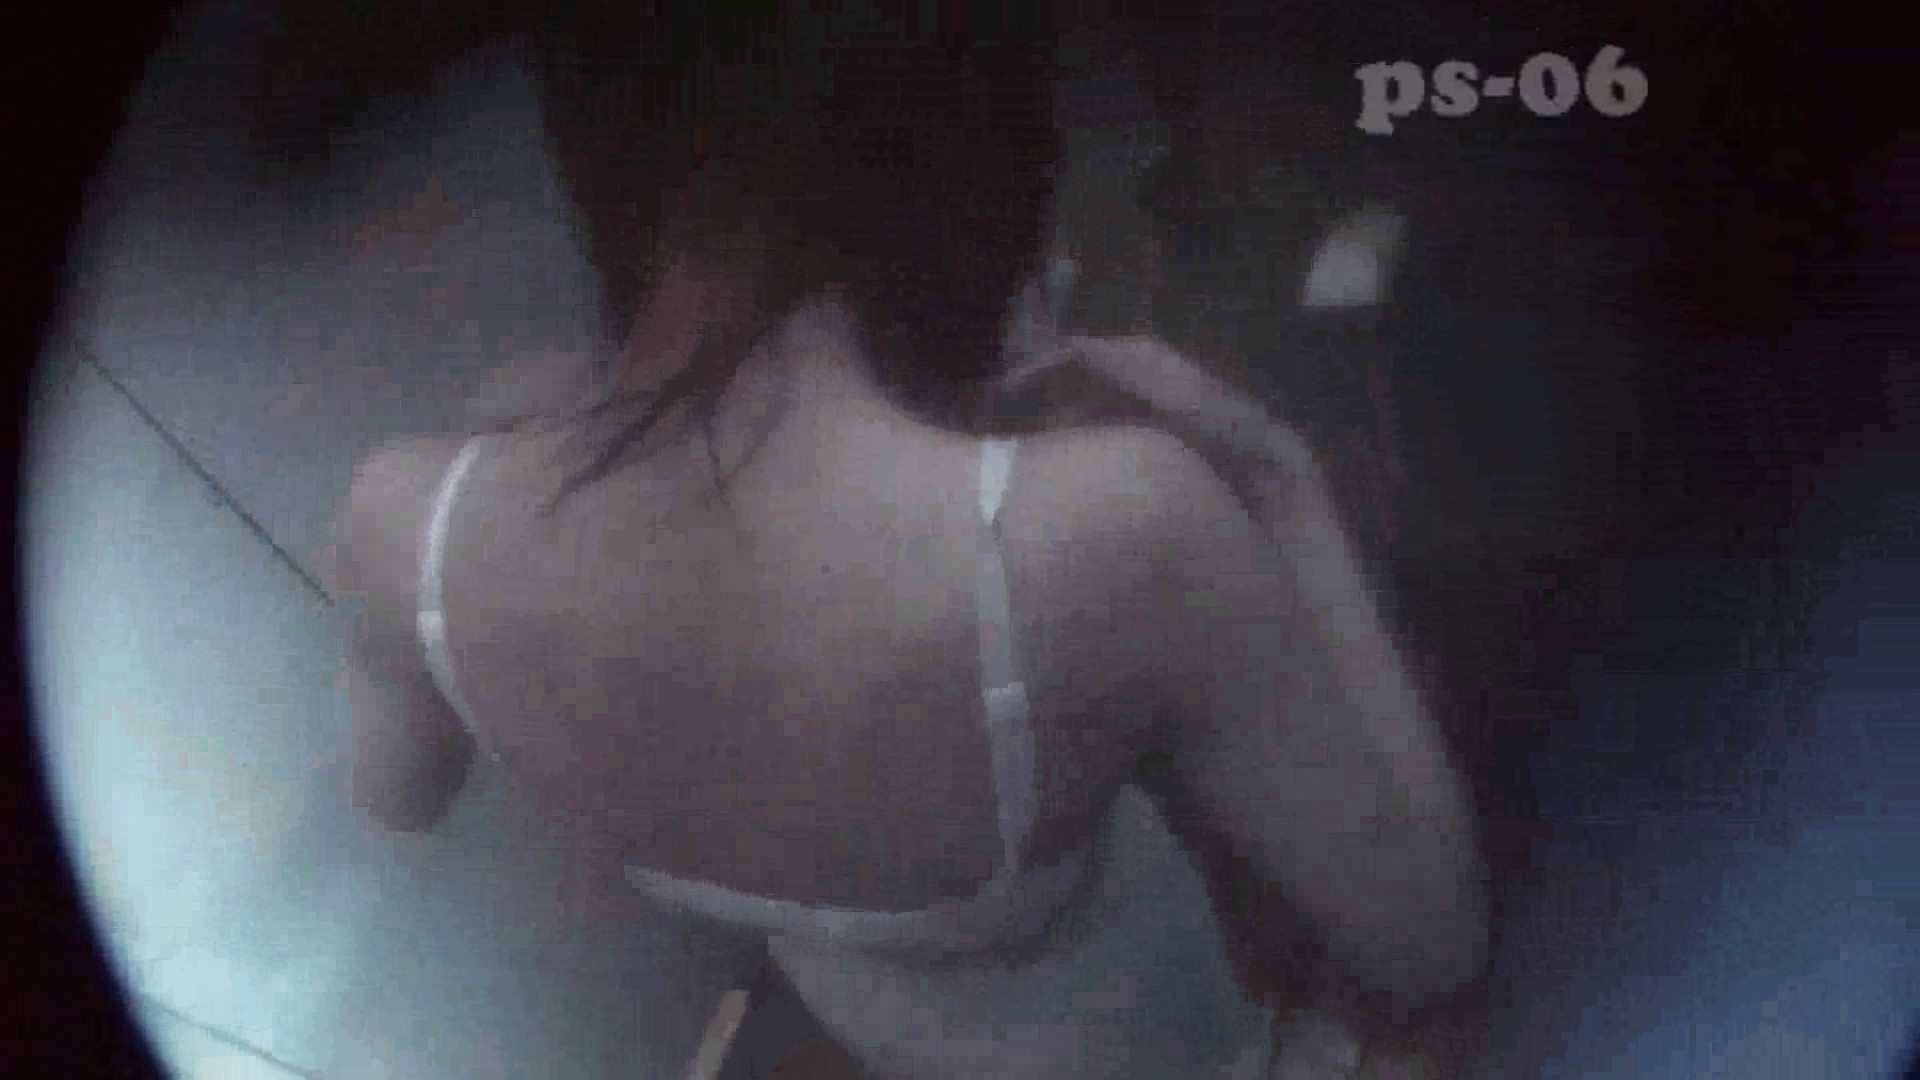 シャワールームは危険な香りVol.6(ハイビジョンサンプル版) エッチすぎるOL達 | 盗撮映像大放出  60連発 21